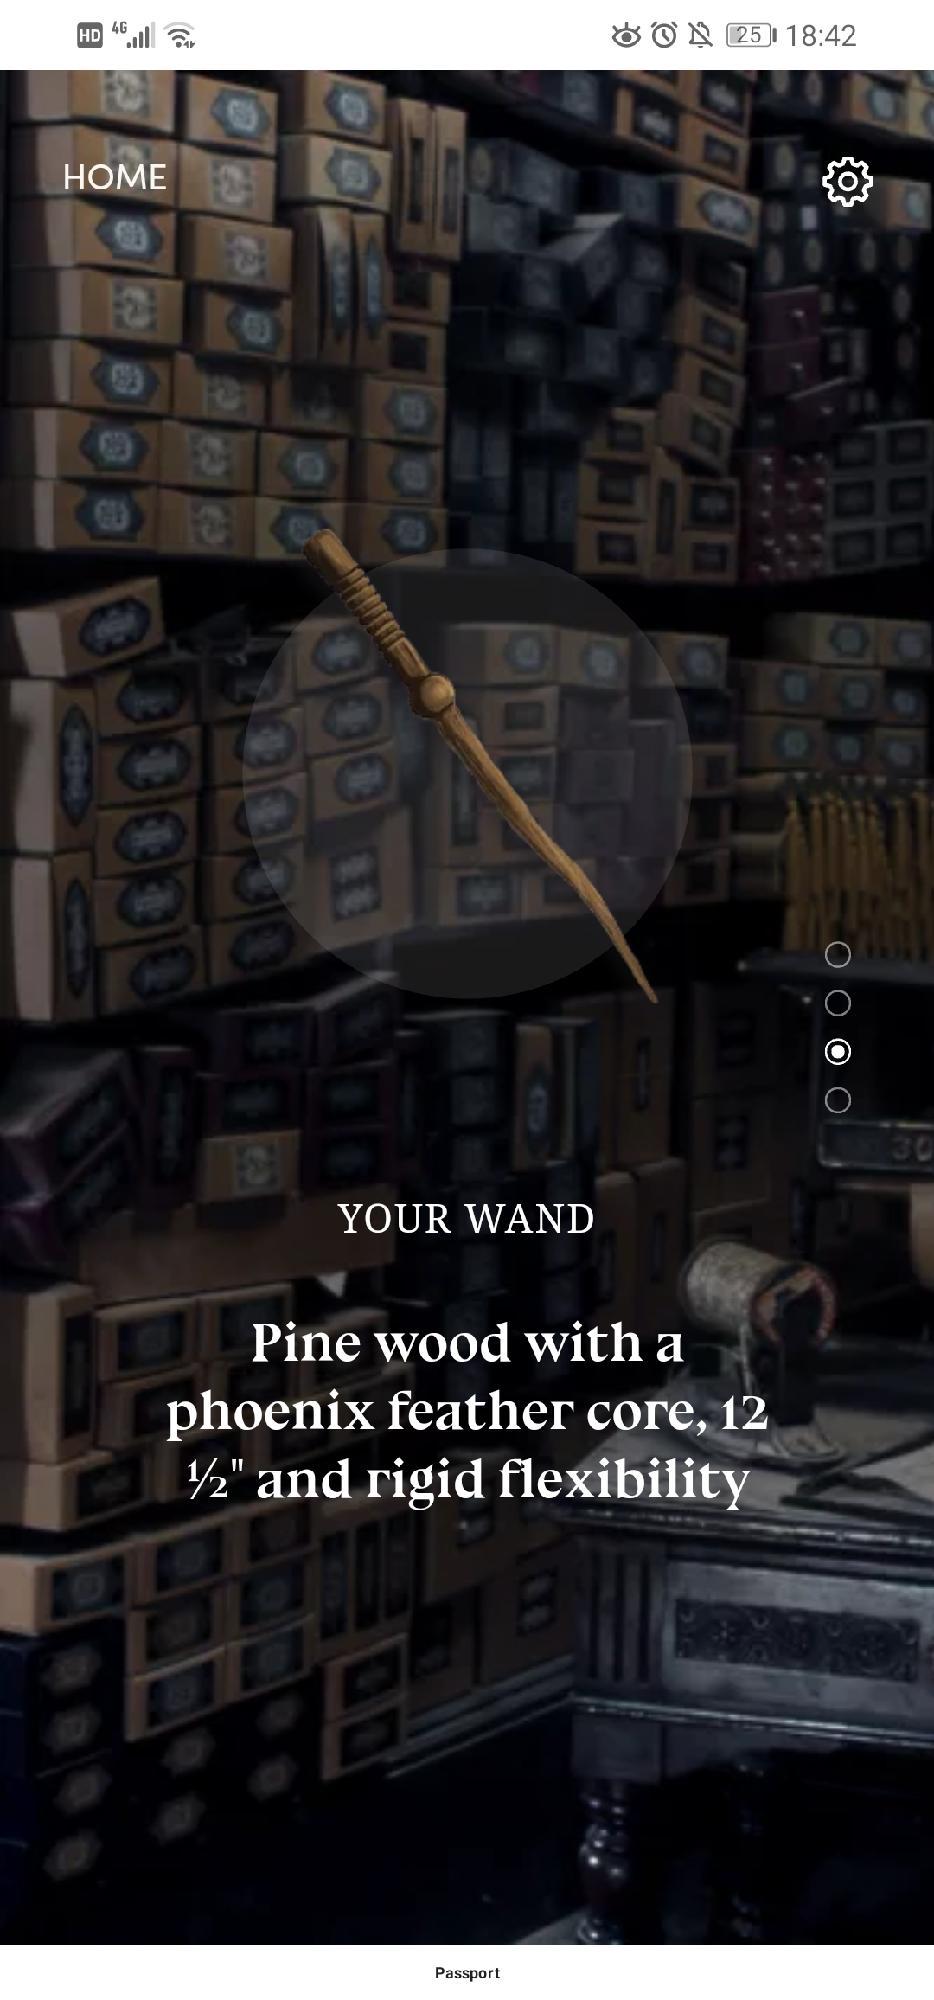 啊我这奇葩的刚柔魔杖……